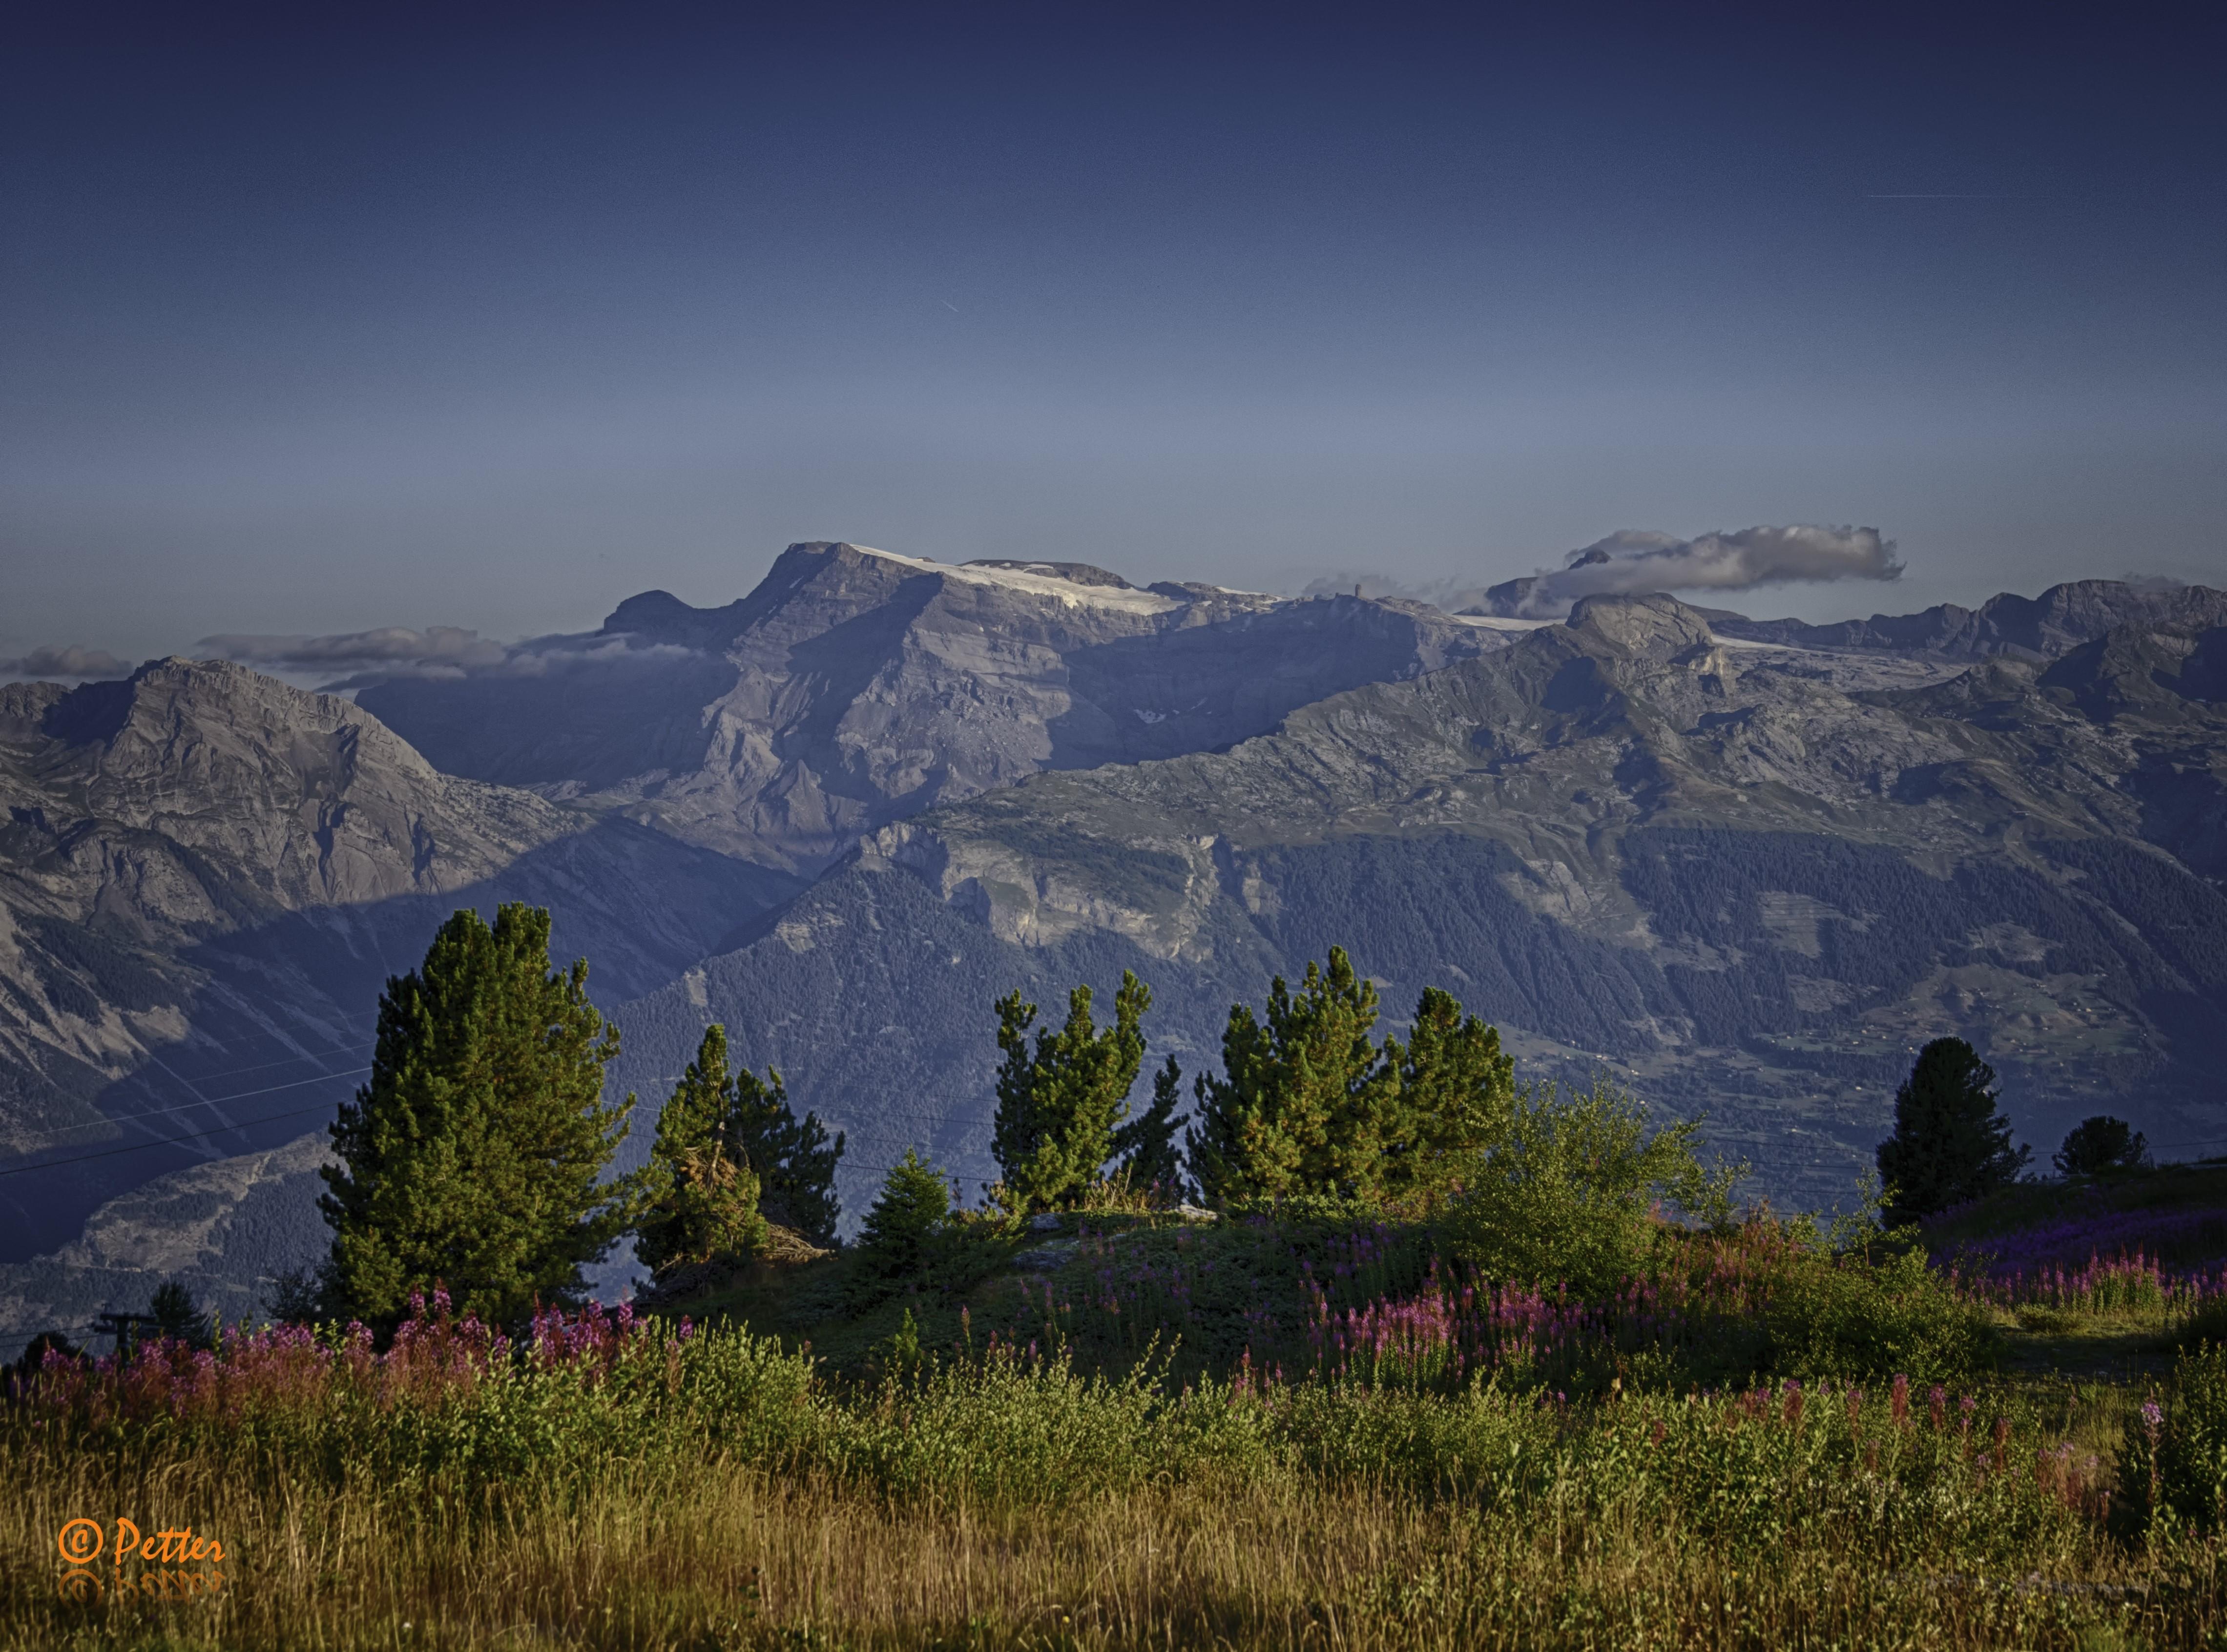 Thyon - Region landscapes by www.swissaerial.ch